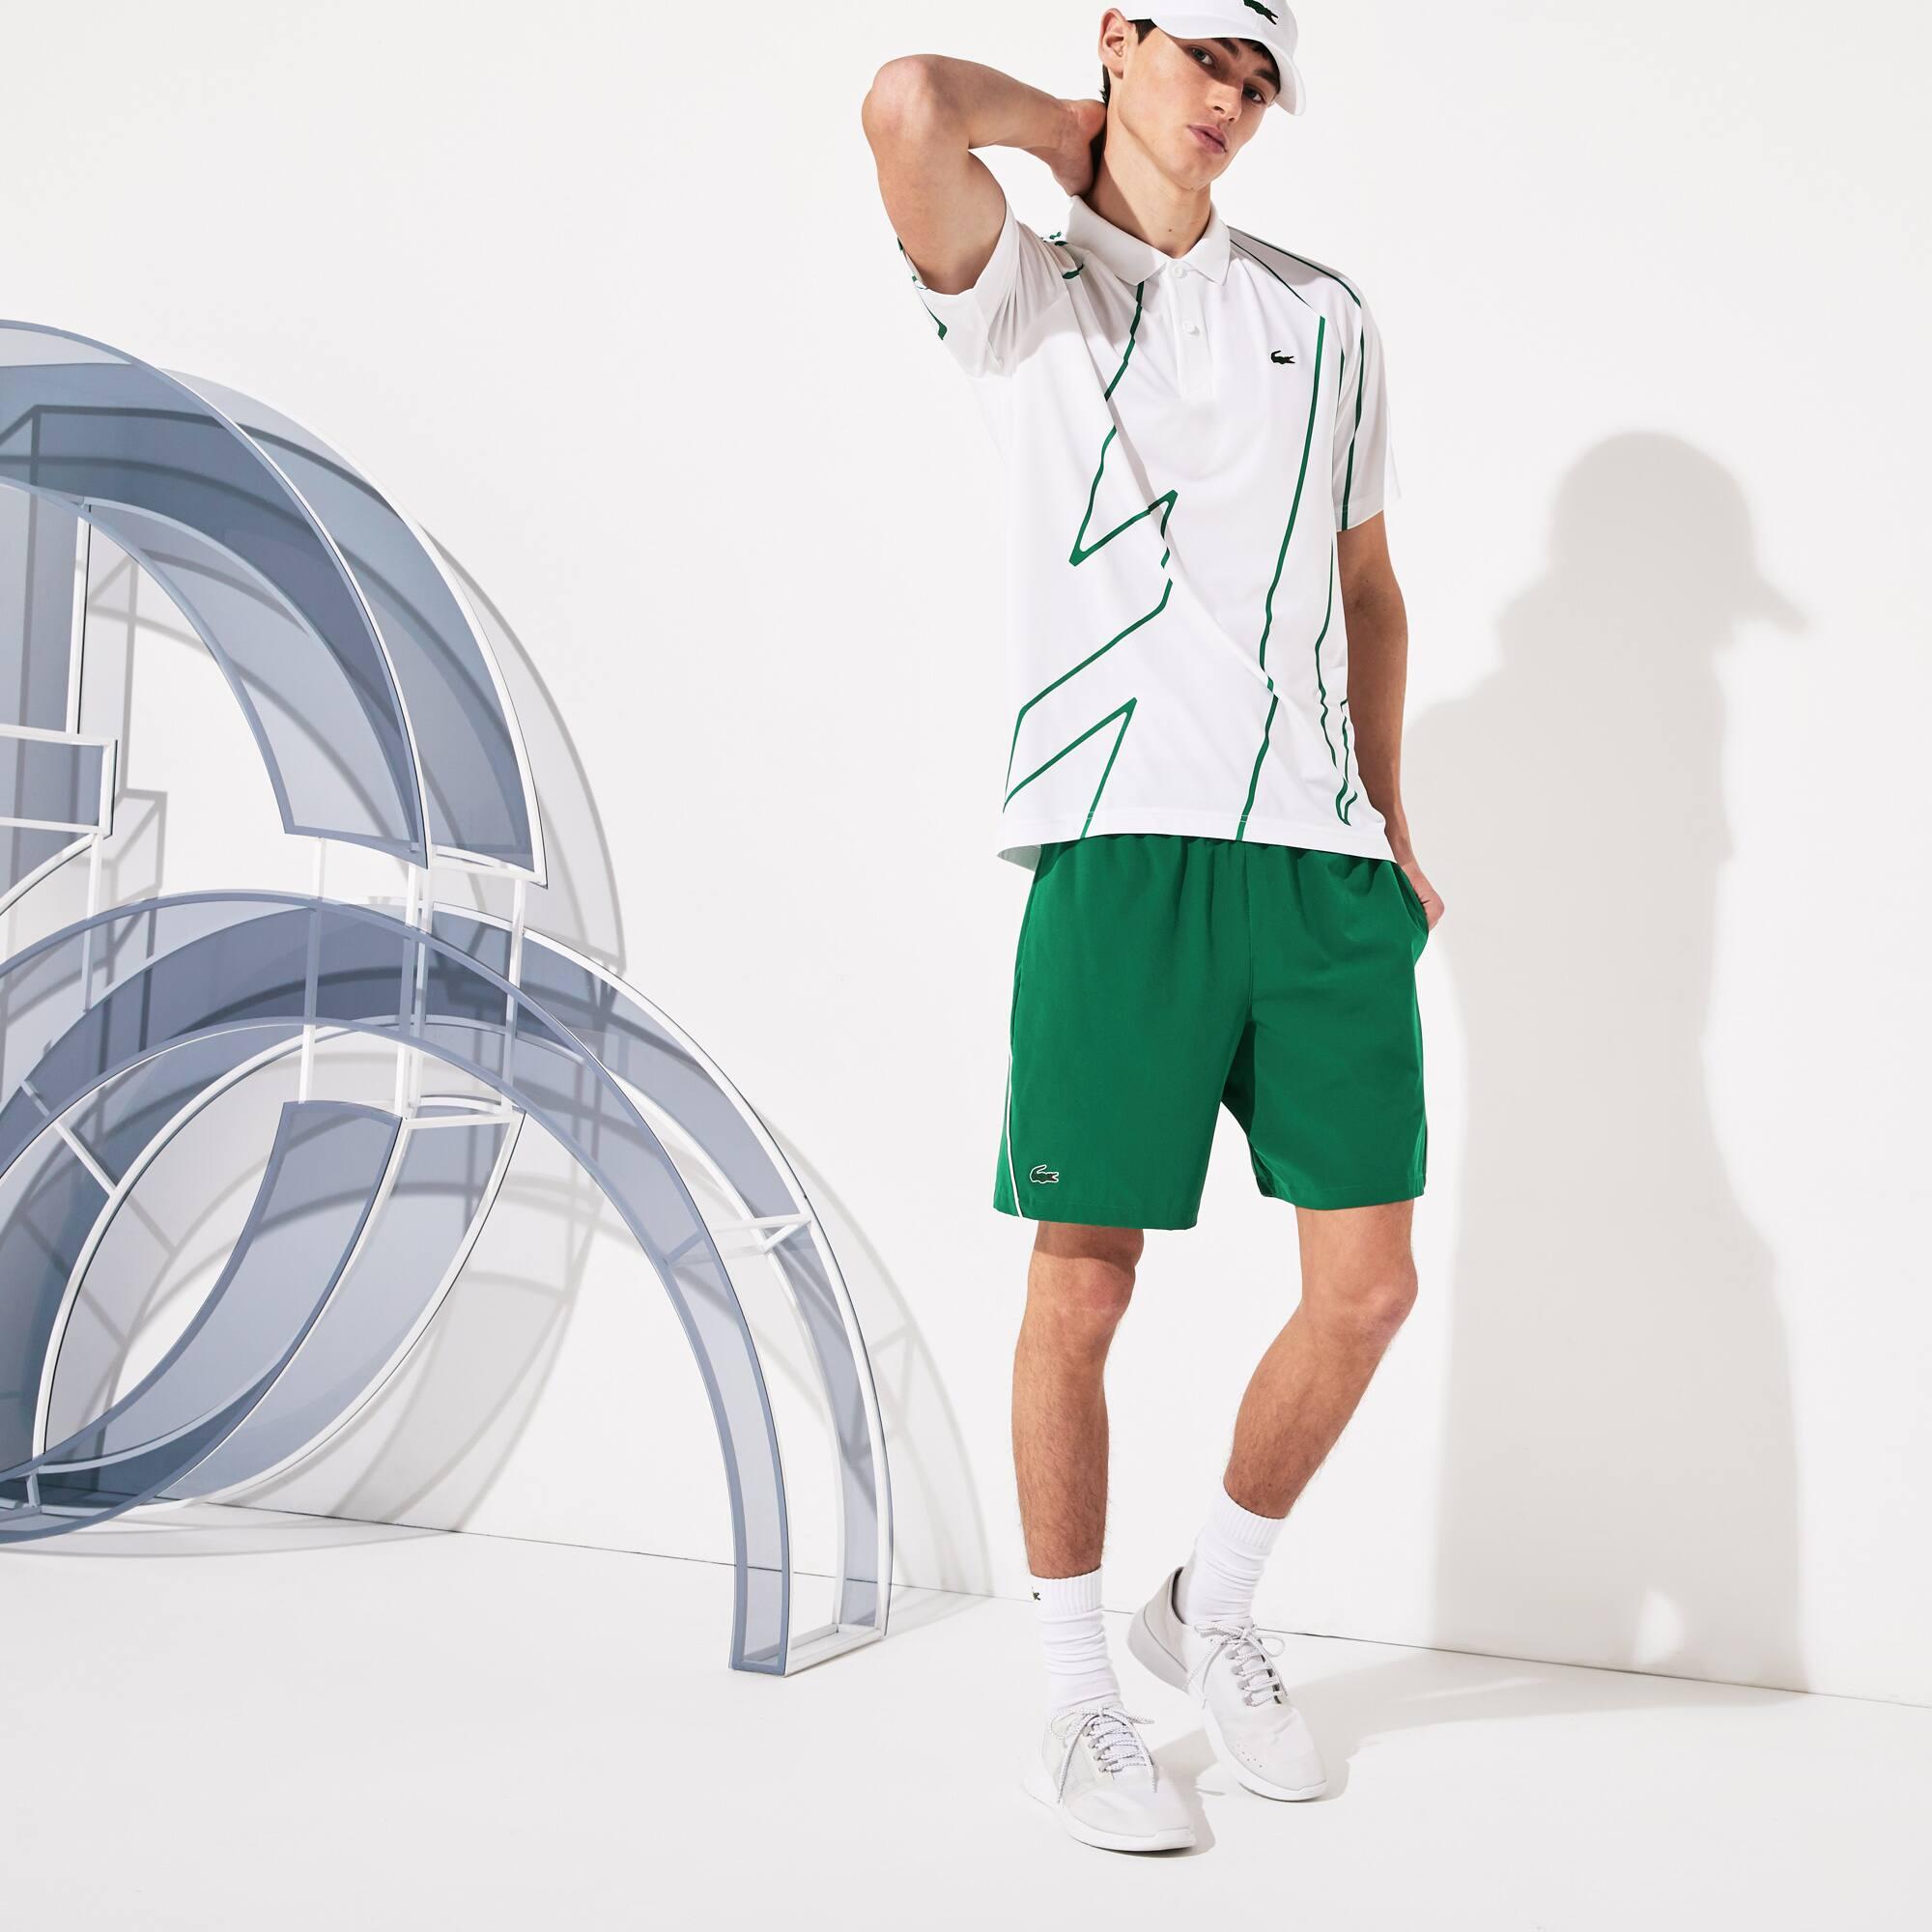 Pantaloni corti da uomo elasticizzati e traspiranti Lacoste SPORT x Novak Djokovic